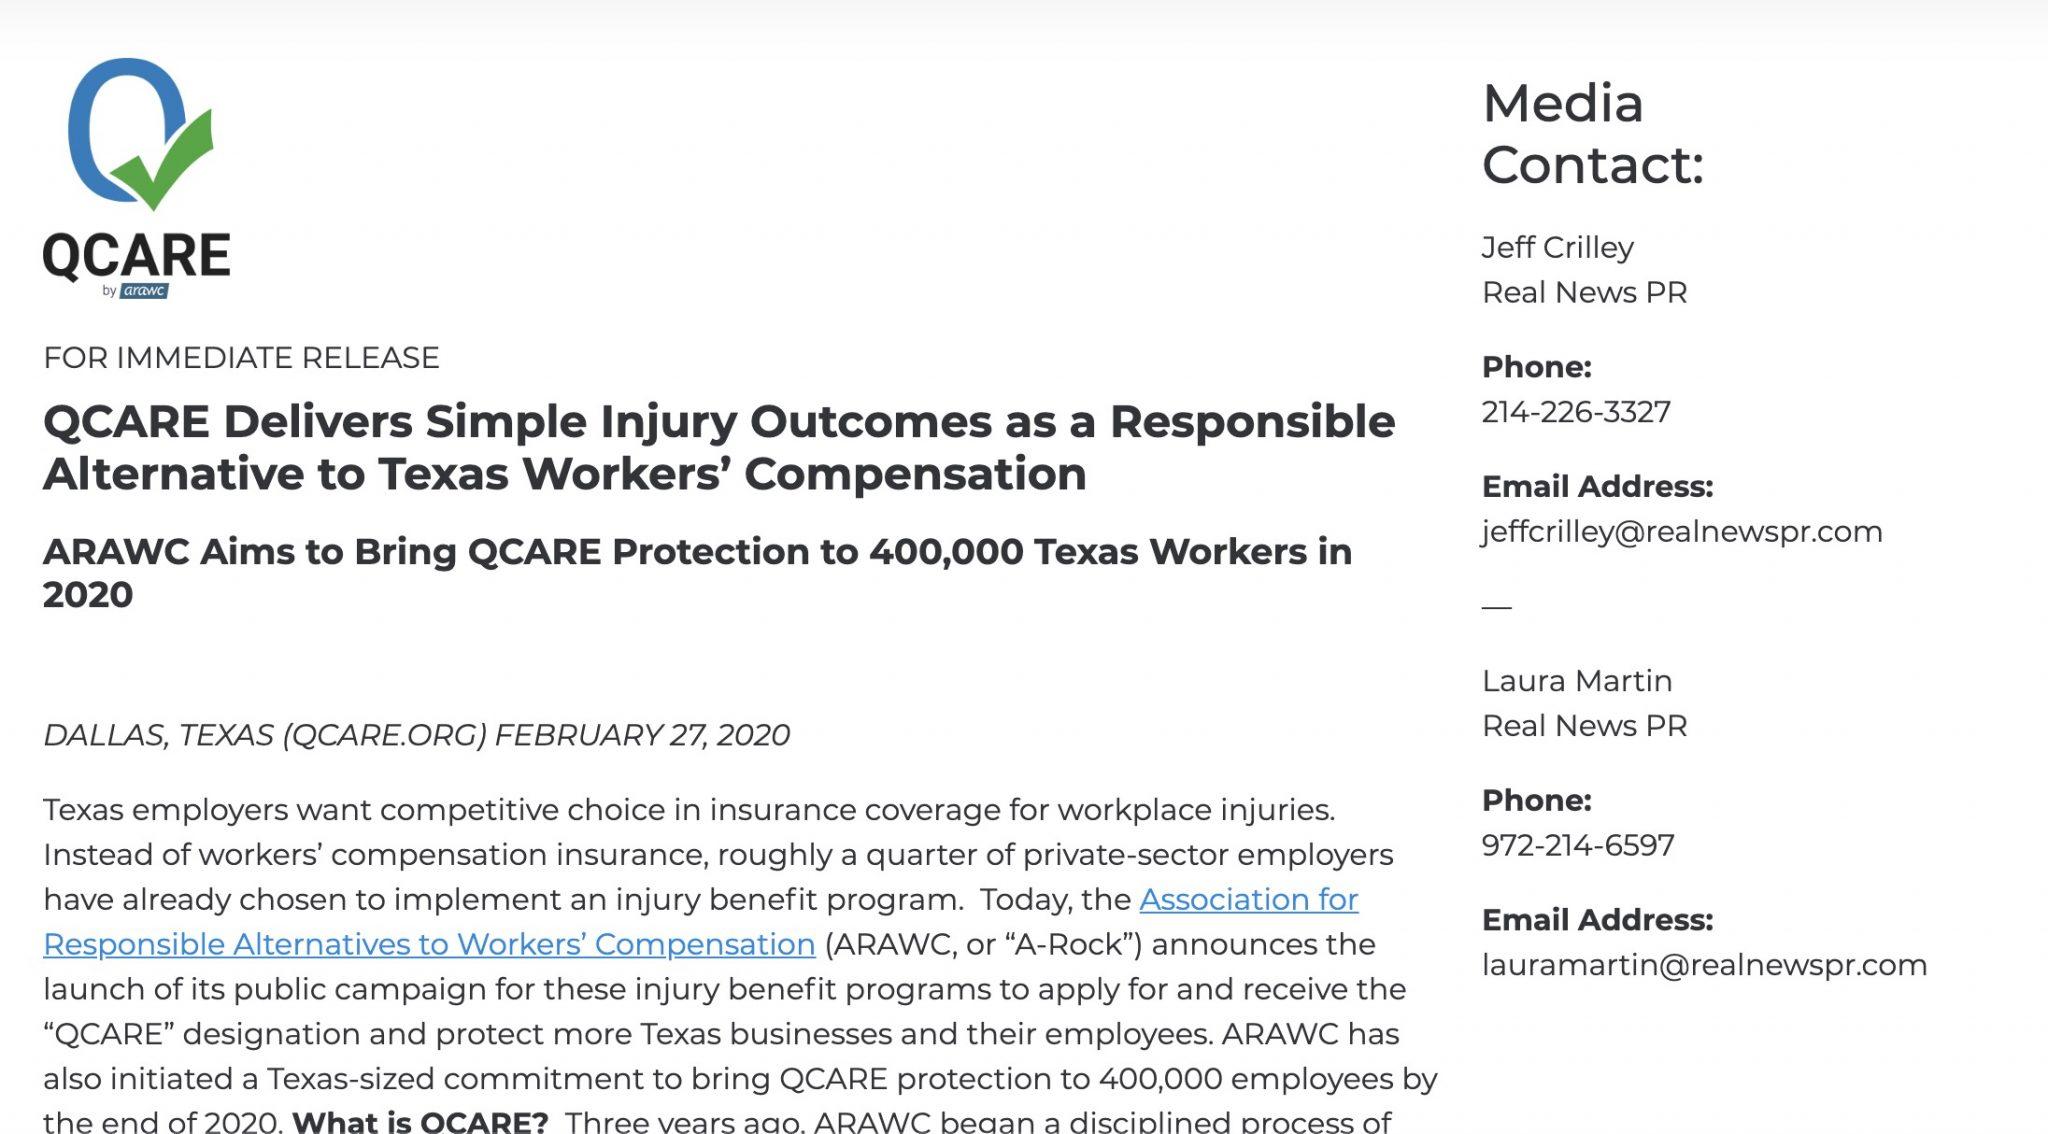 QCARE Press Release